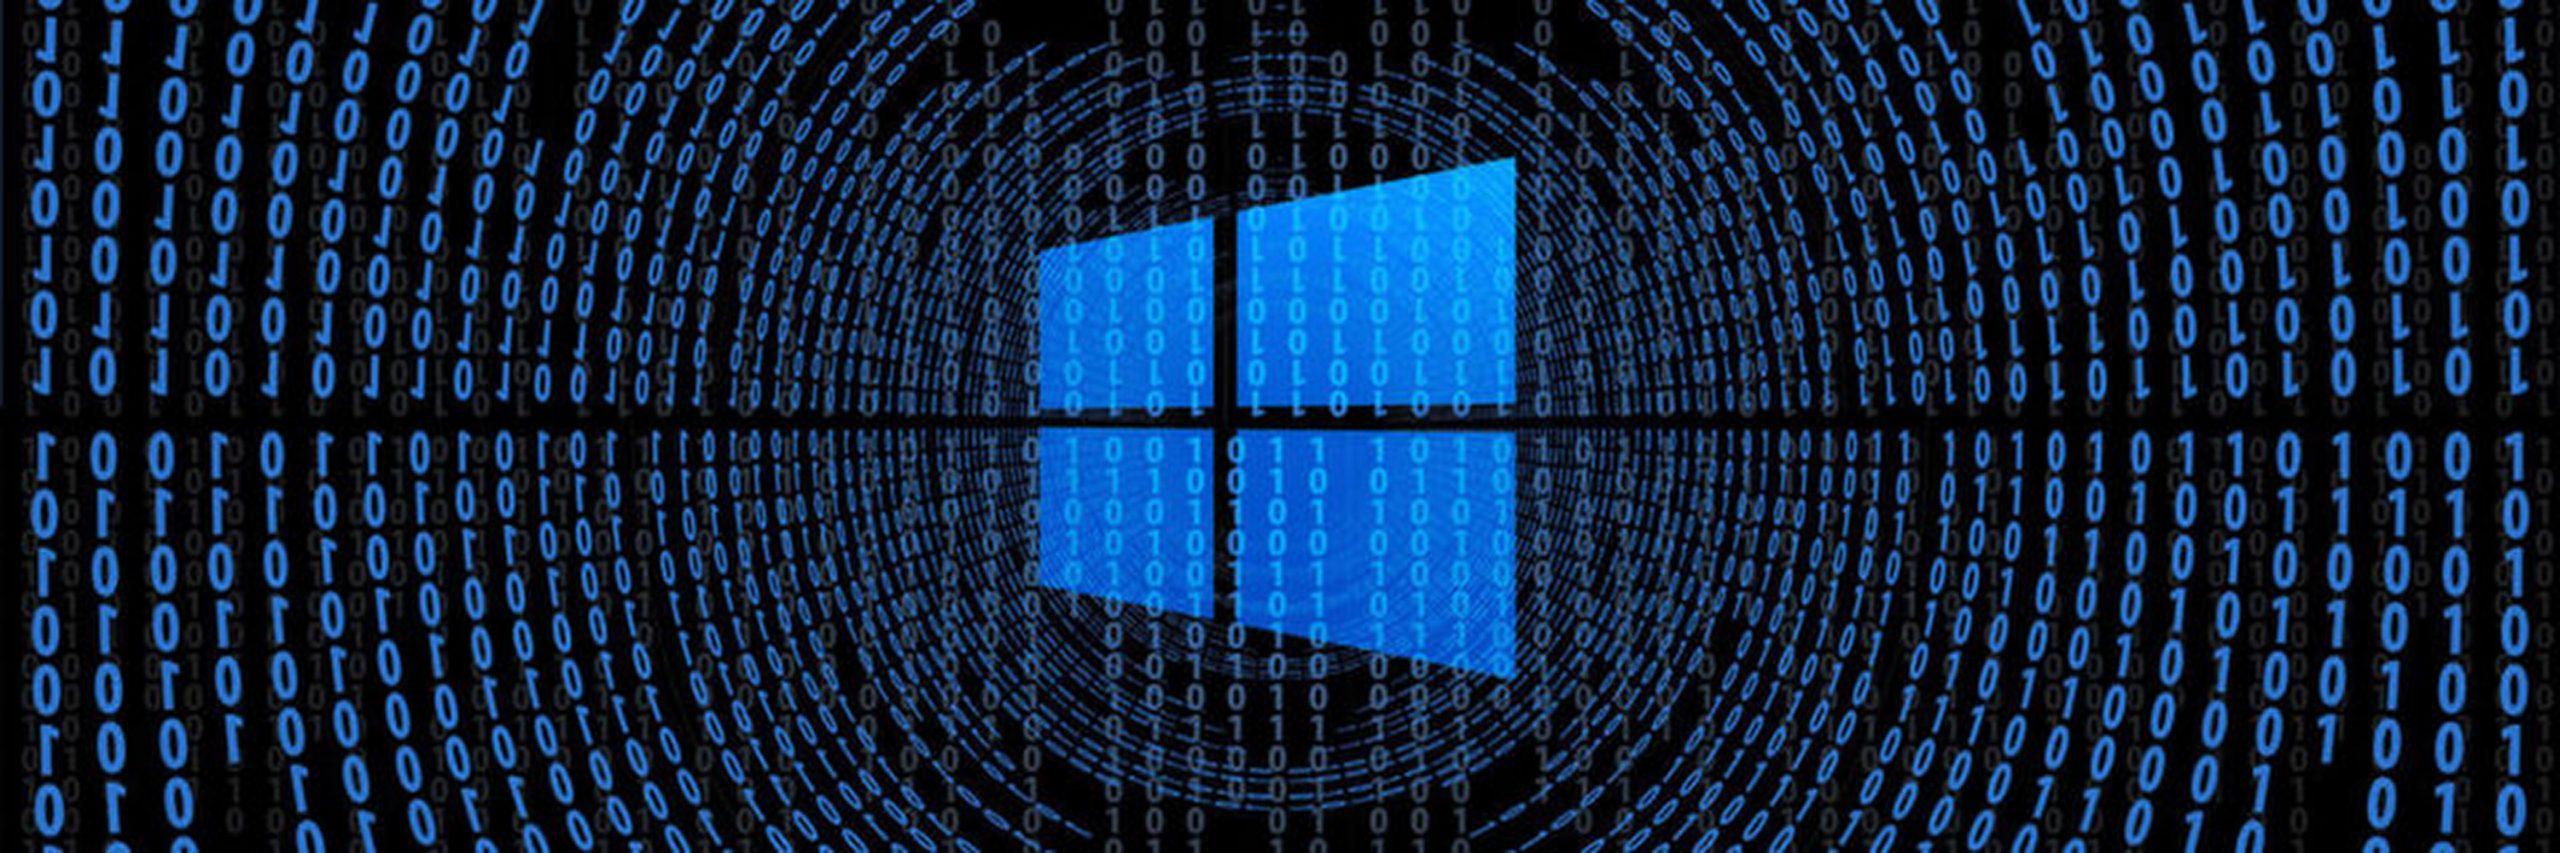 Обнаружена критическая уязвимость в Microsoft MSHTML